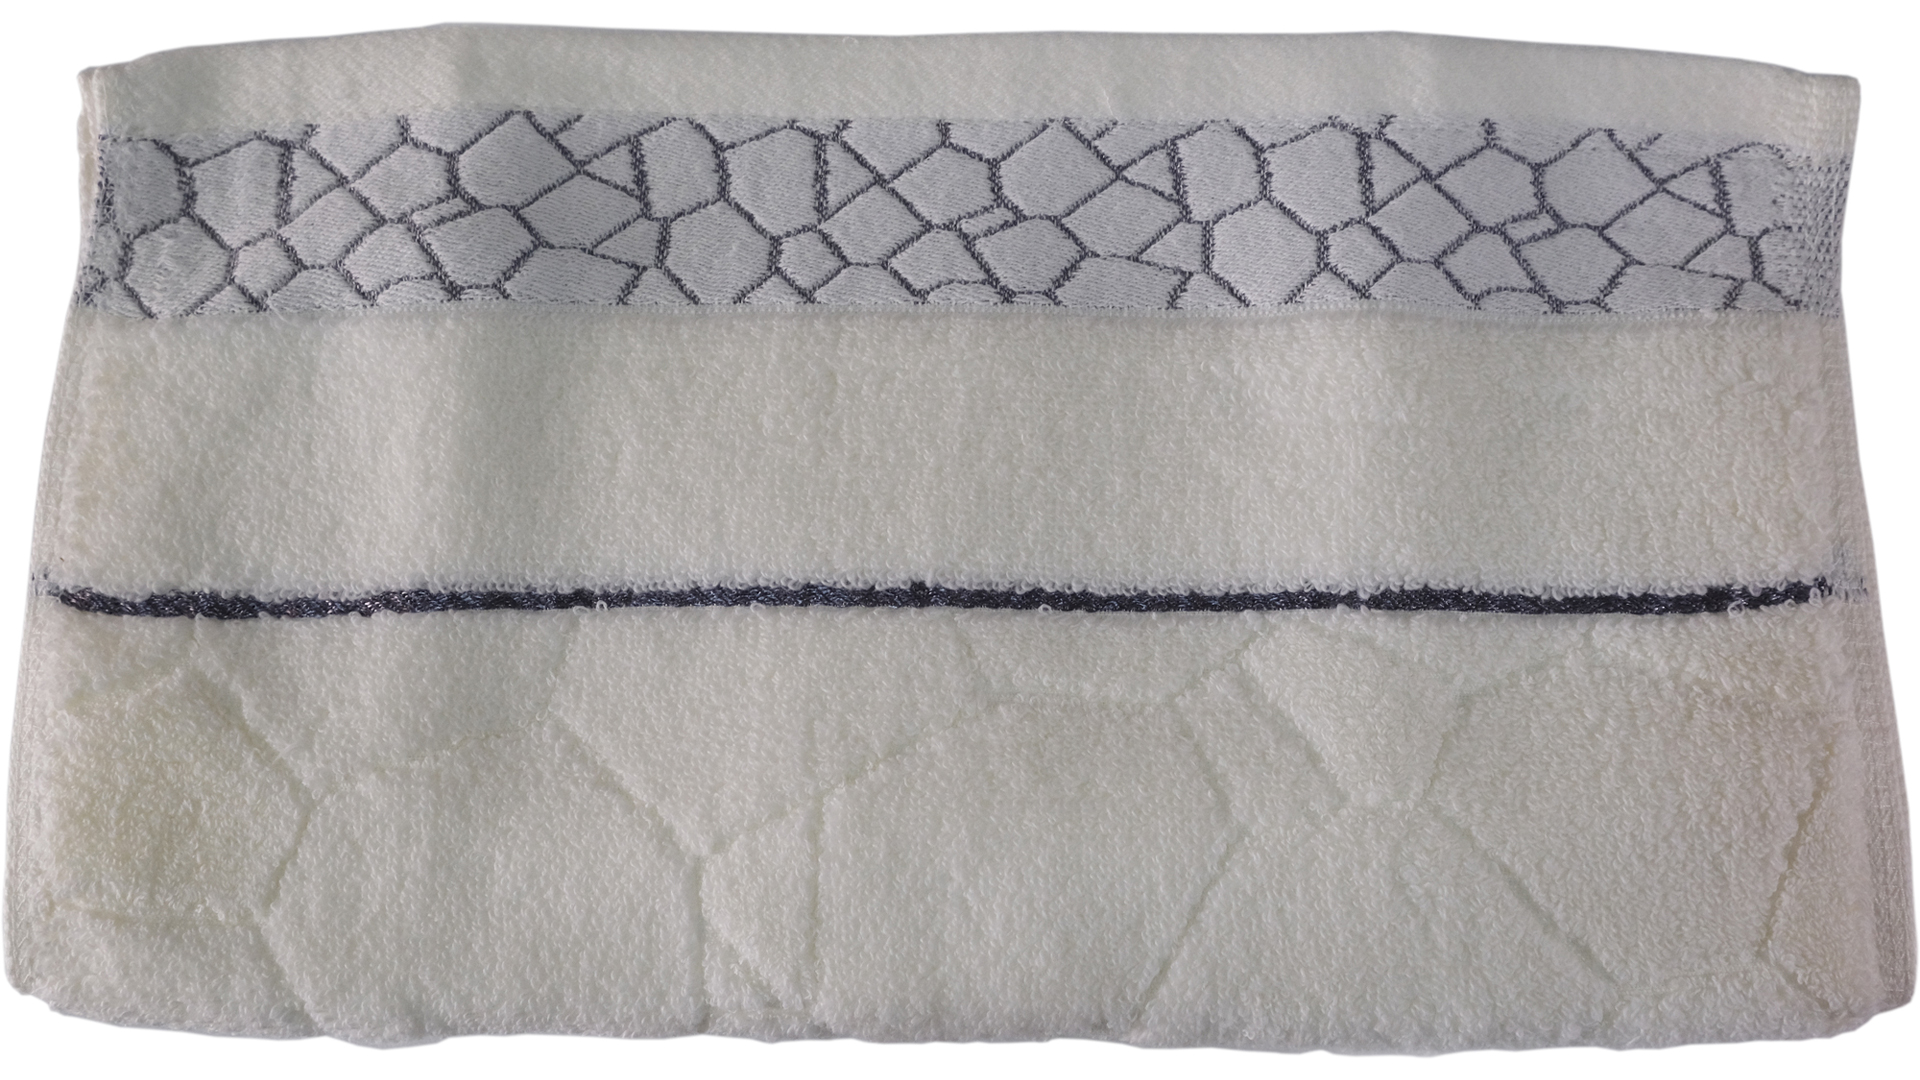 ผ้าขนหนู Cotton ลายแกรนิต ไม่ตีเกลียว 34x76 ซม. สีขาว